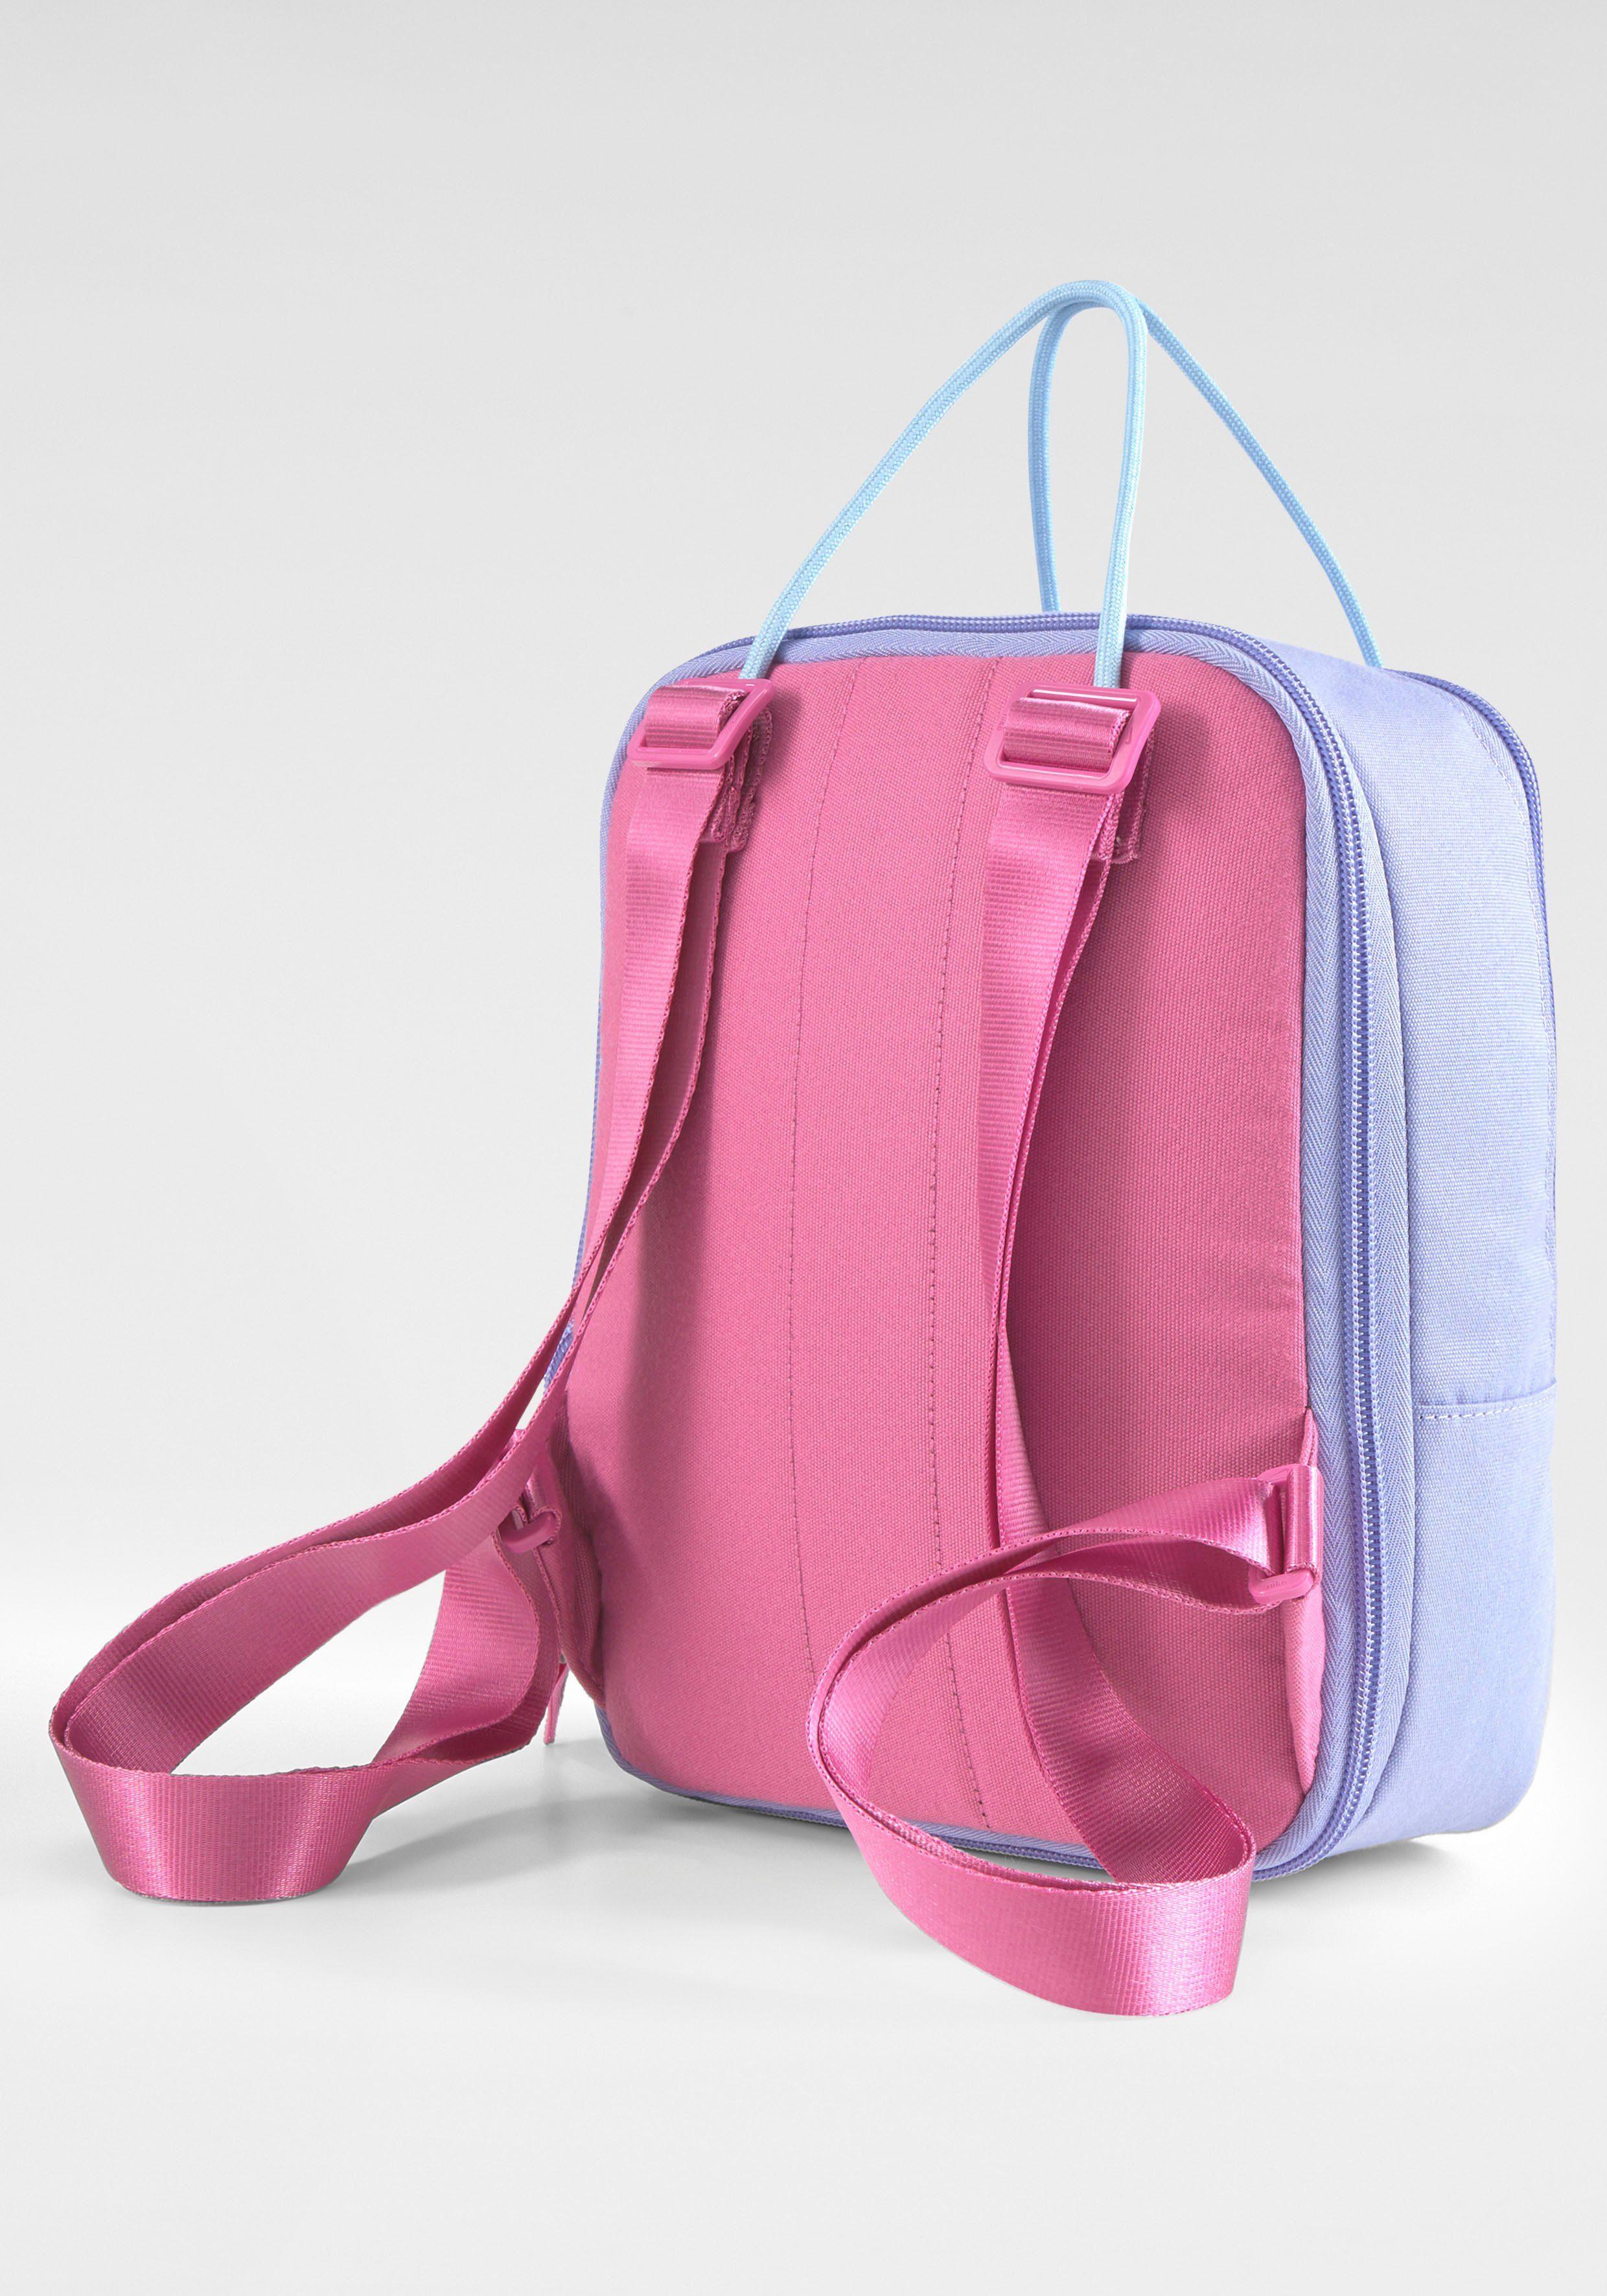 Nike Sportswear Sportrucksack »Nike Tanjun Backpack (mini)«, Mit Reißverschluss zum vergrößern online kaufen | OTTO